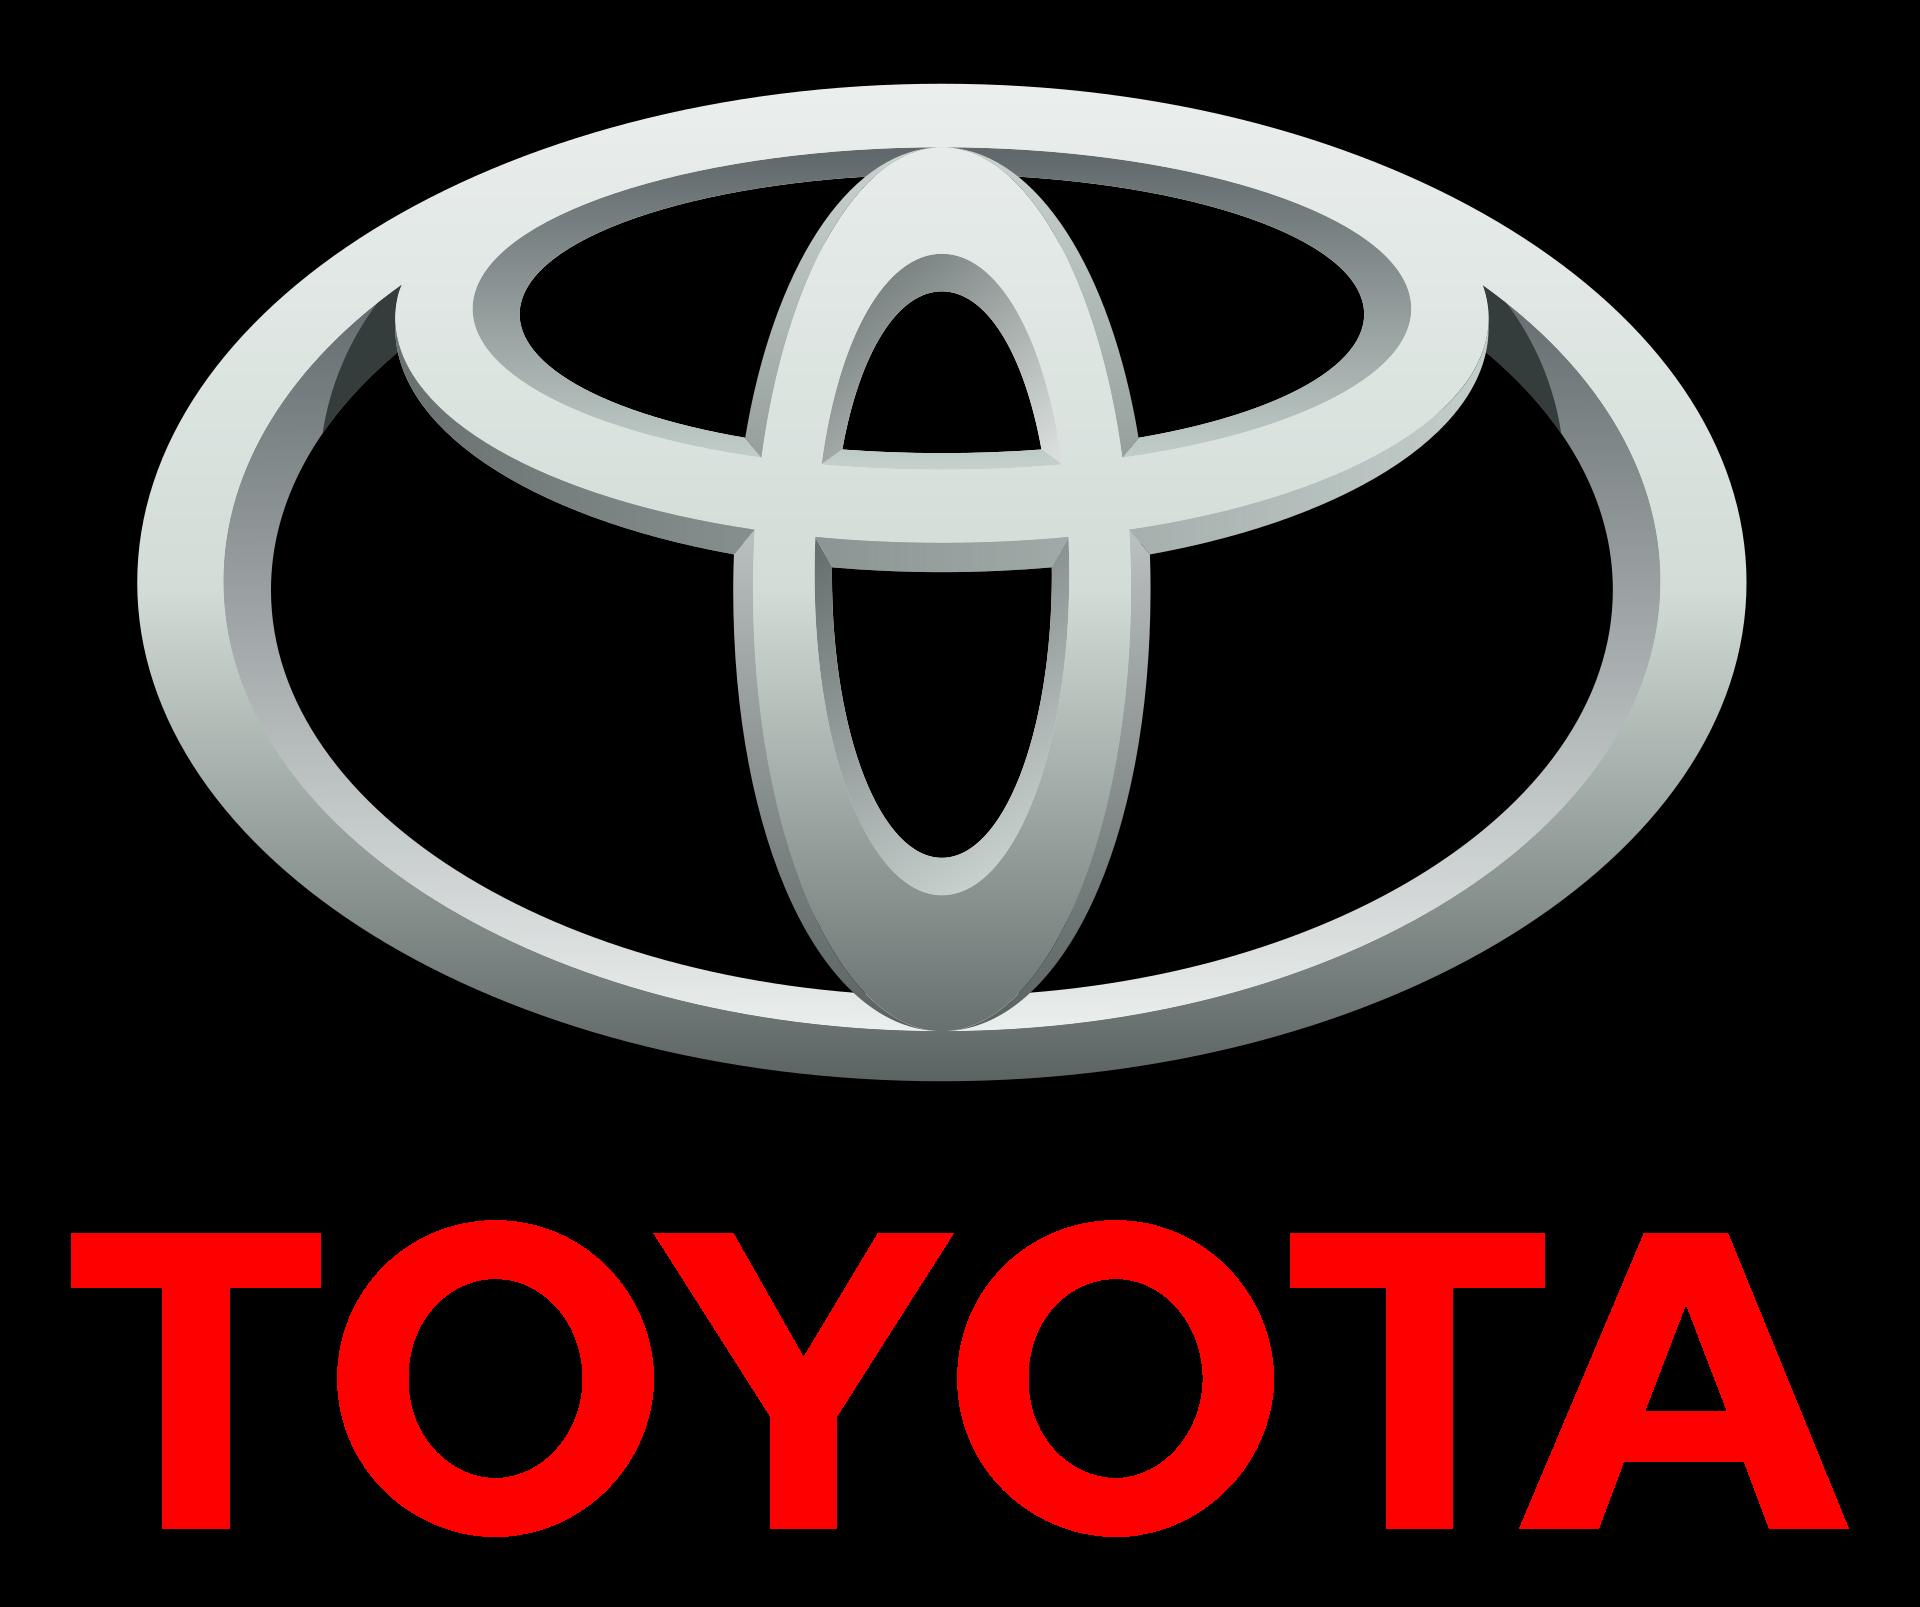 Rettungskarte Toyota